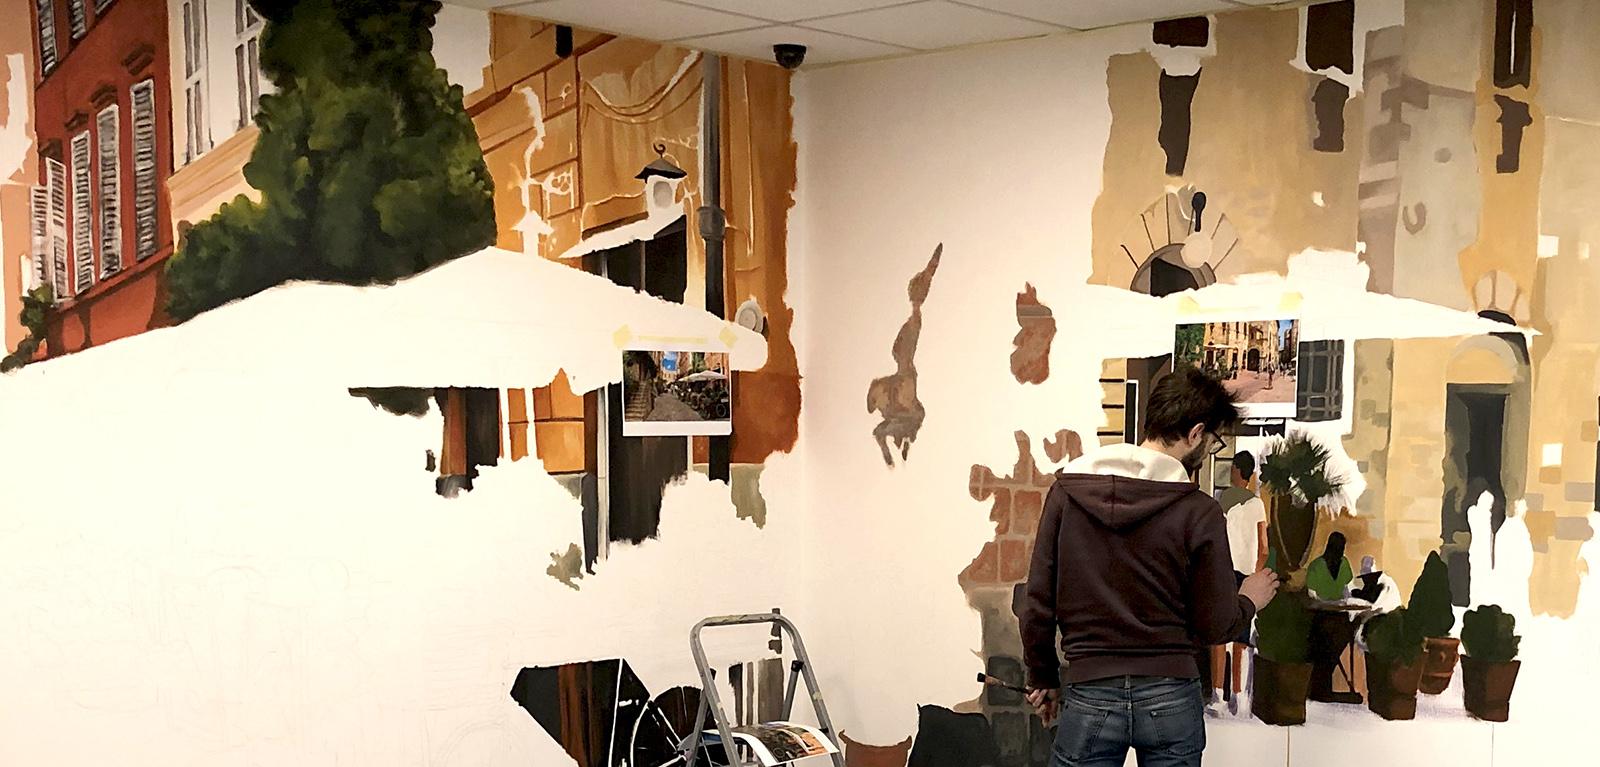 olasz kisváros falfestmény - neopaint works